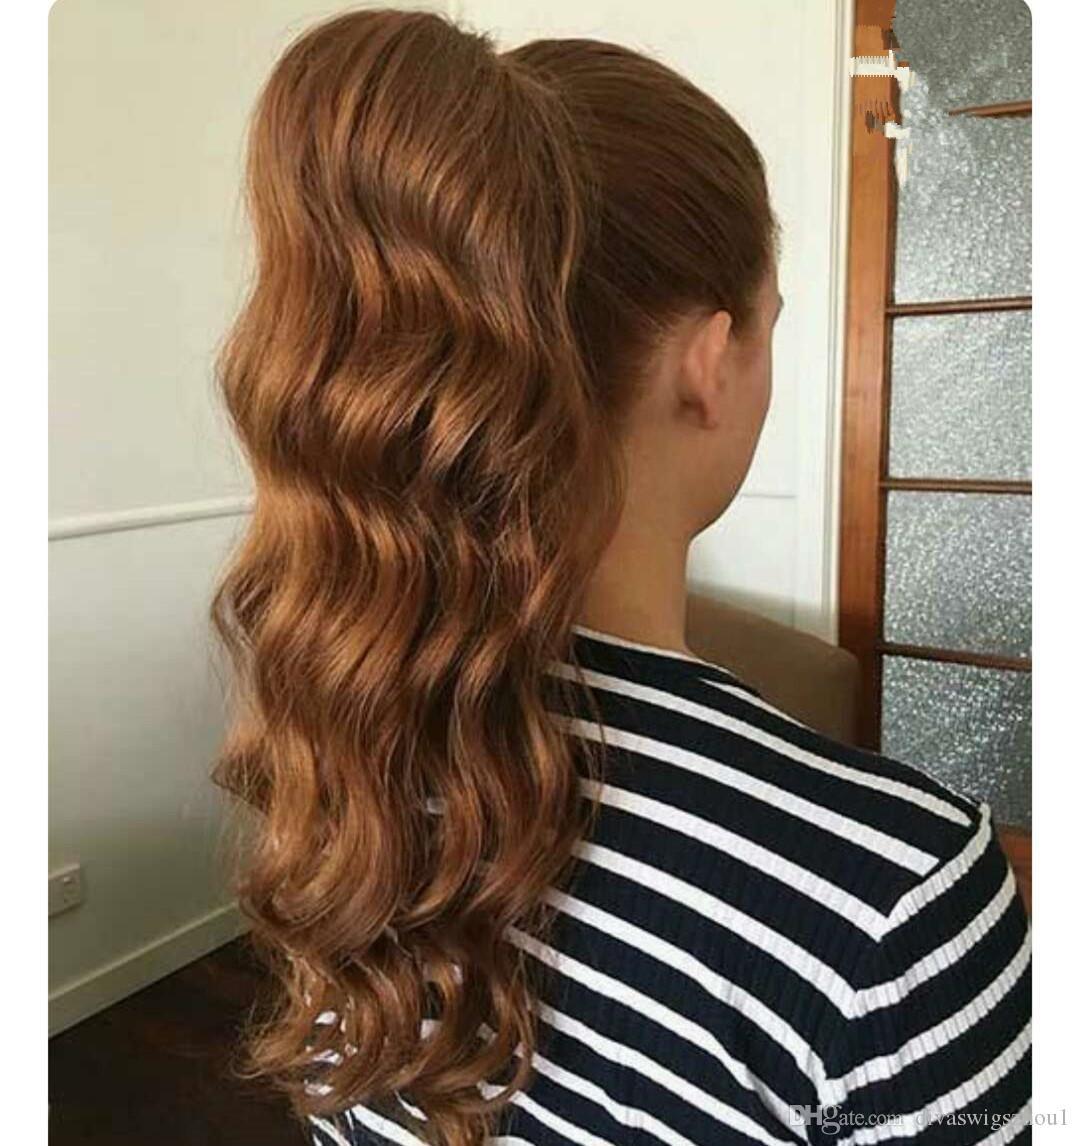 Kadın HairPiece At Kuyruğu Dalgalı Sarışın 27 # Renk İnsan Saç Uzantıları 20 inç 100g-140g Sarışın 27 # Renkler DAİREMİZ